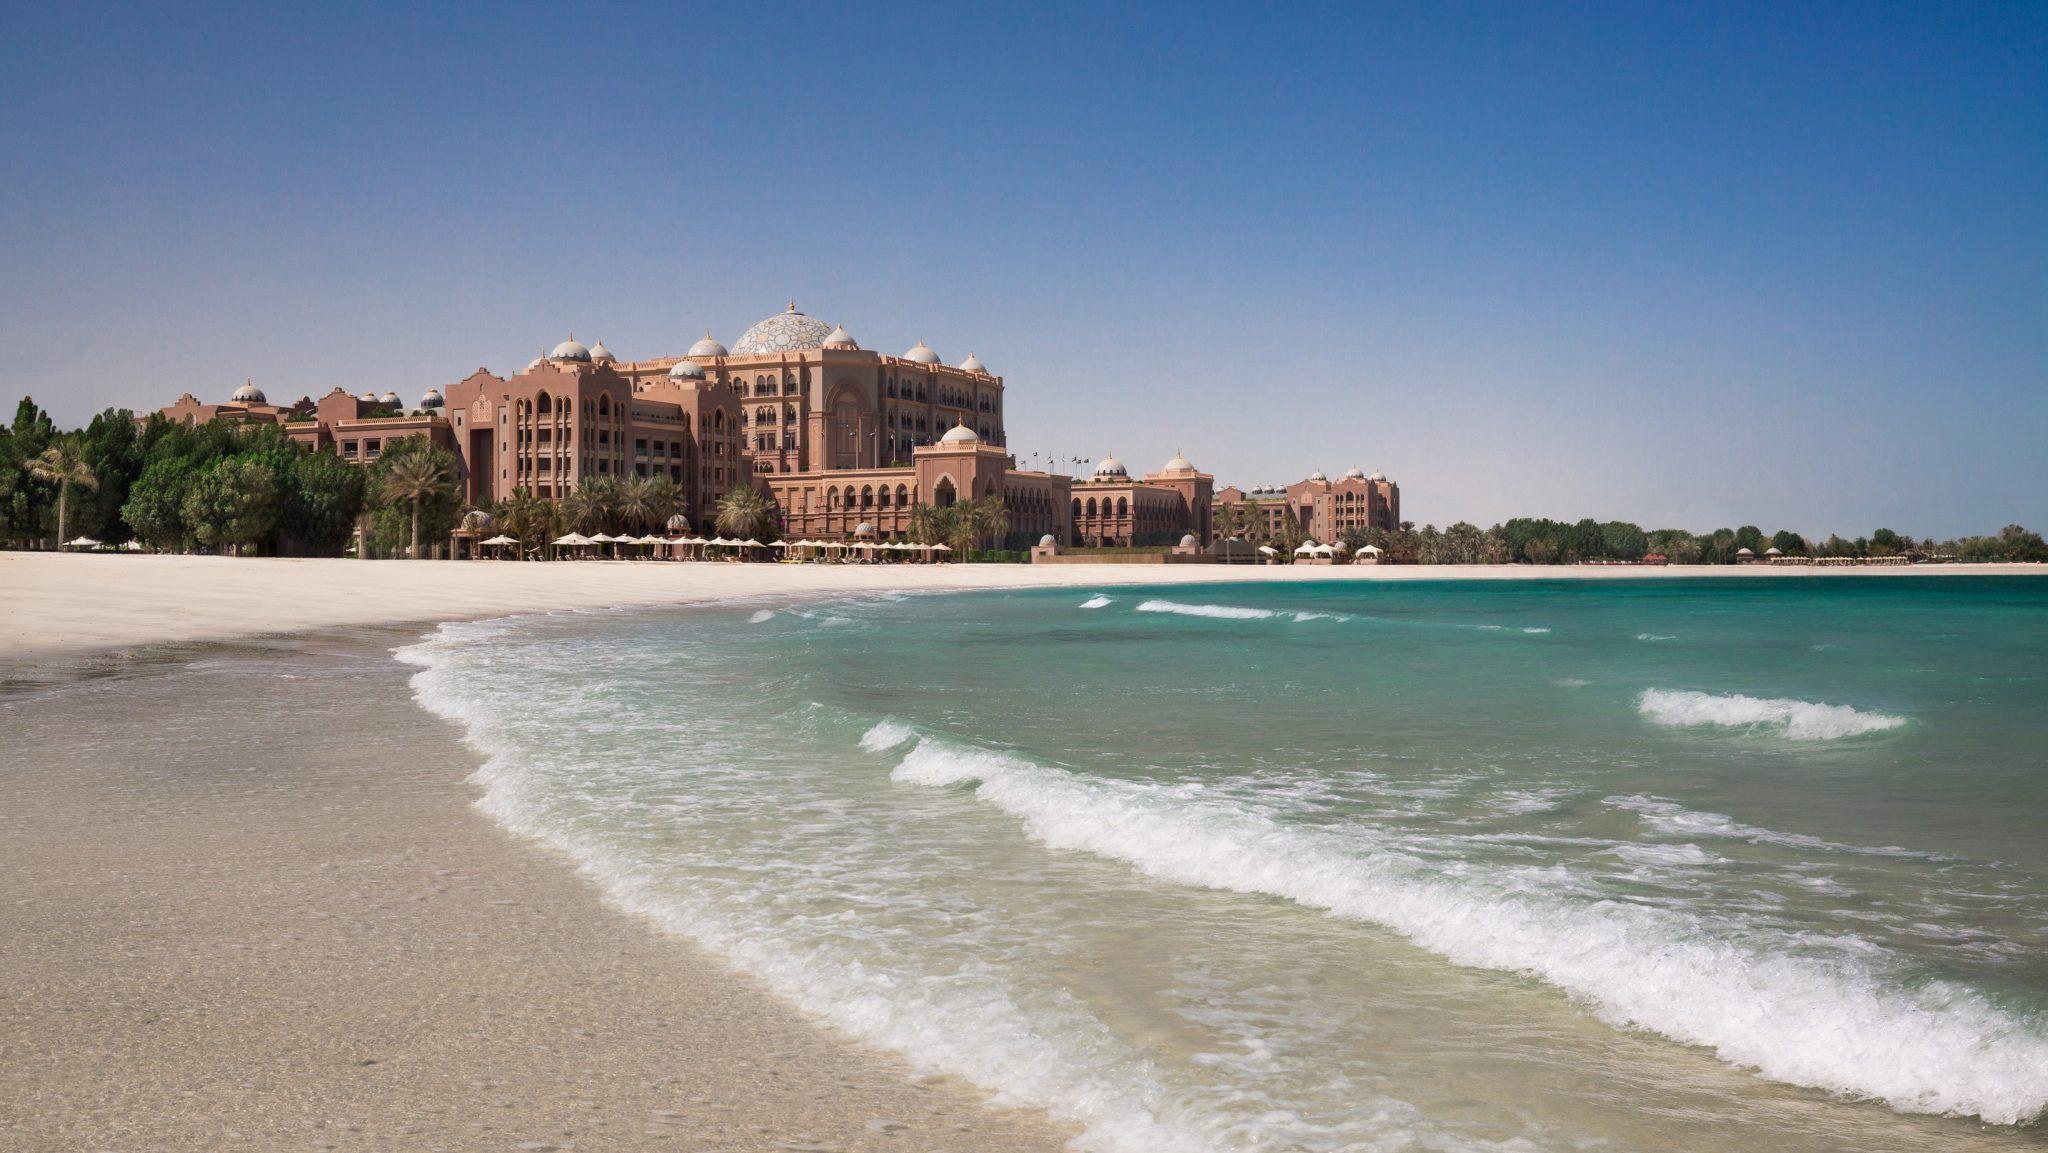 احواض السباحة والبحر الخلاب في قصر الإمارات المكان الأمثل للاسترخاء